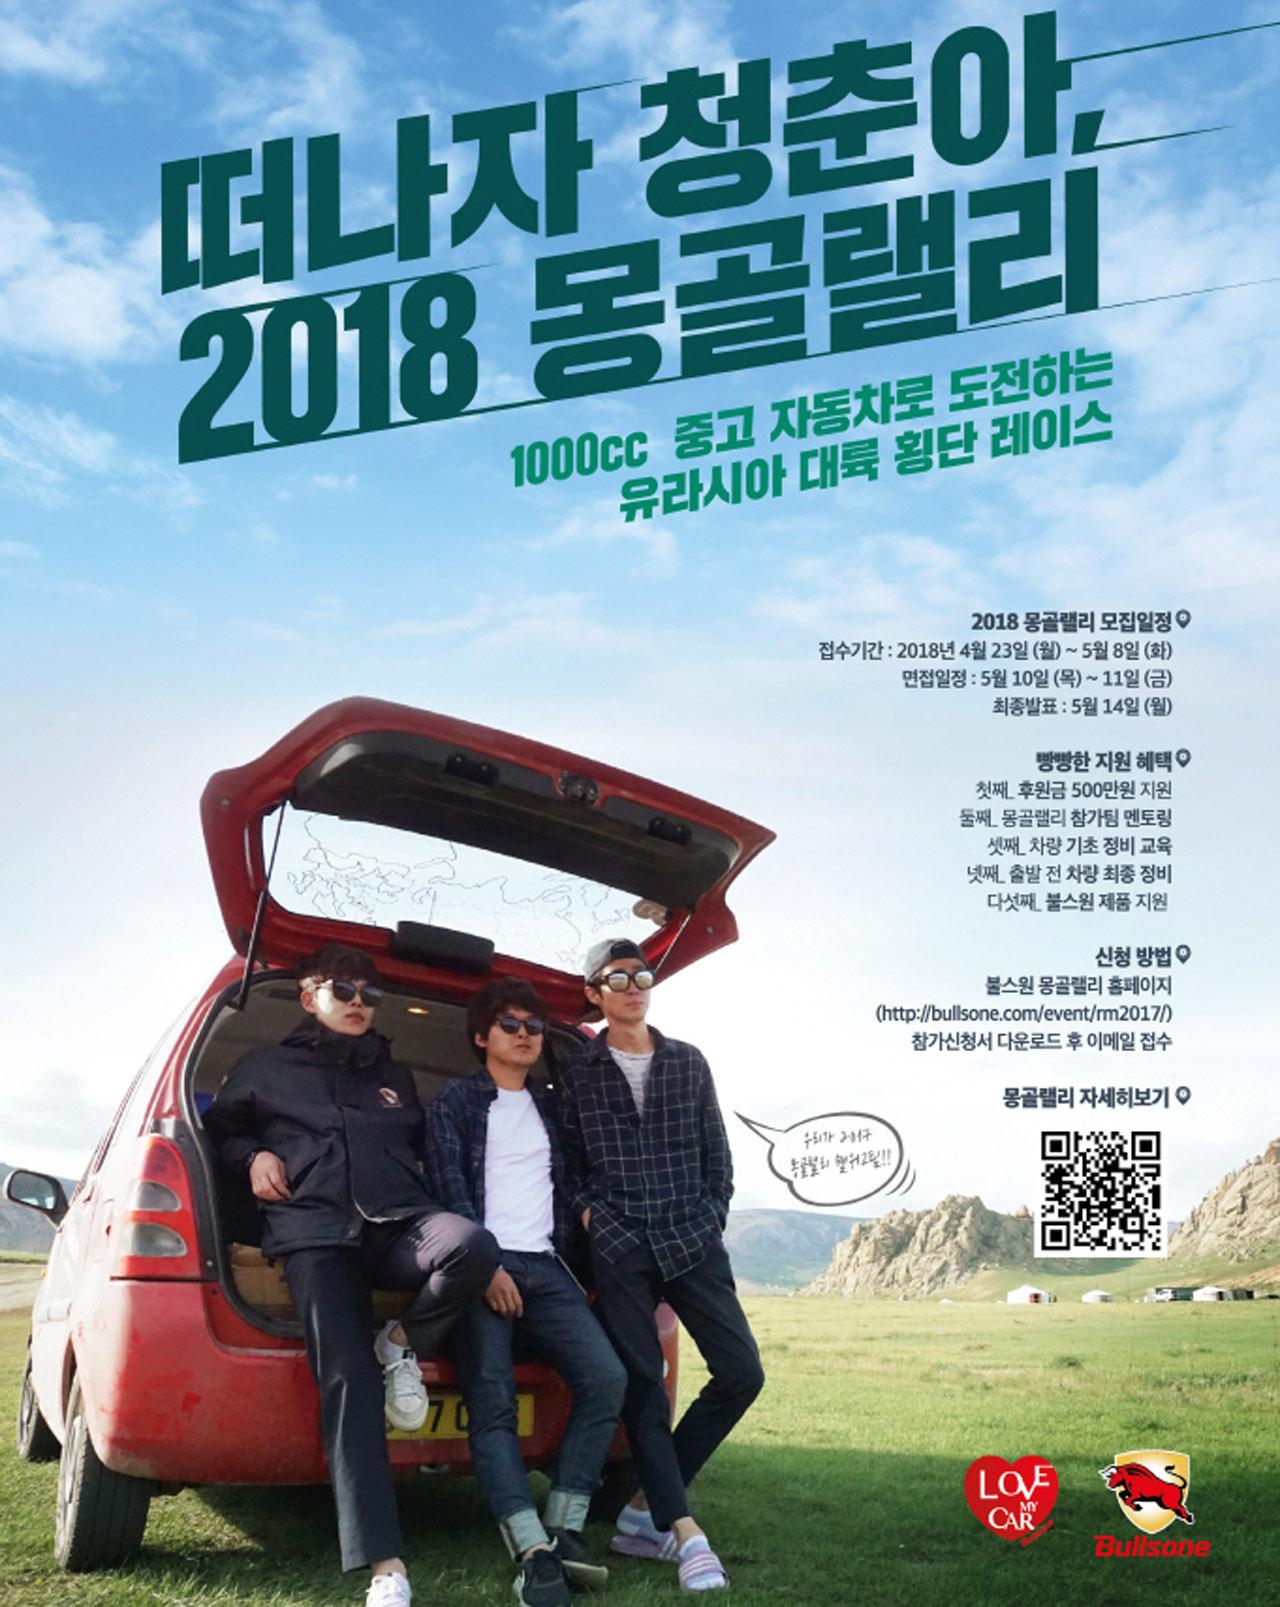 [불스원] 유라시아 대륙 횡단 레이스 '2018 몽골랠리' 참가팀 모집